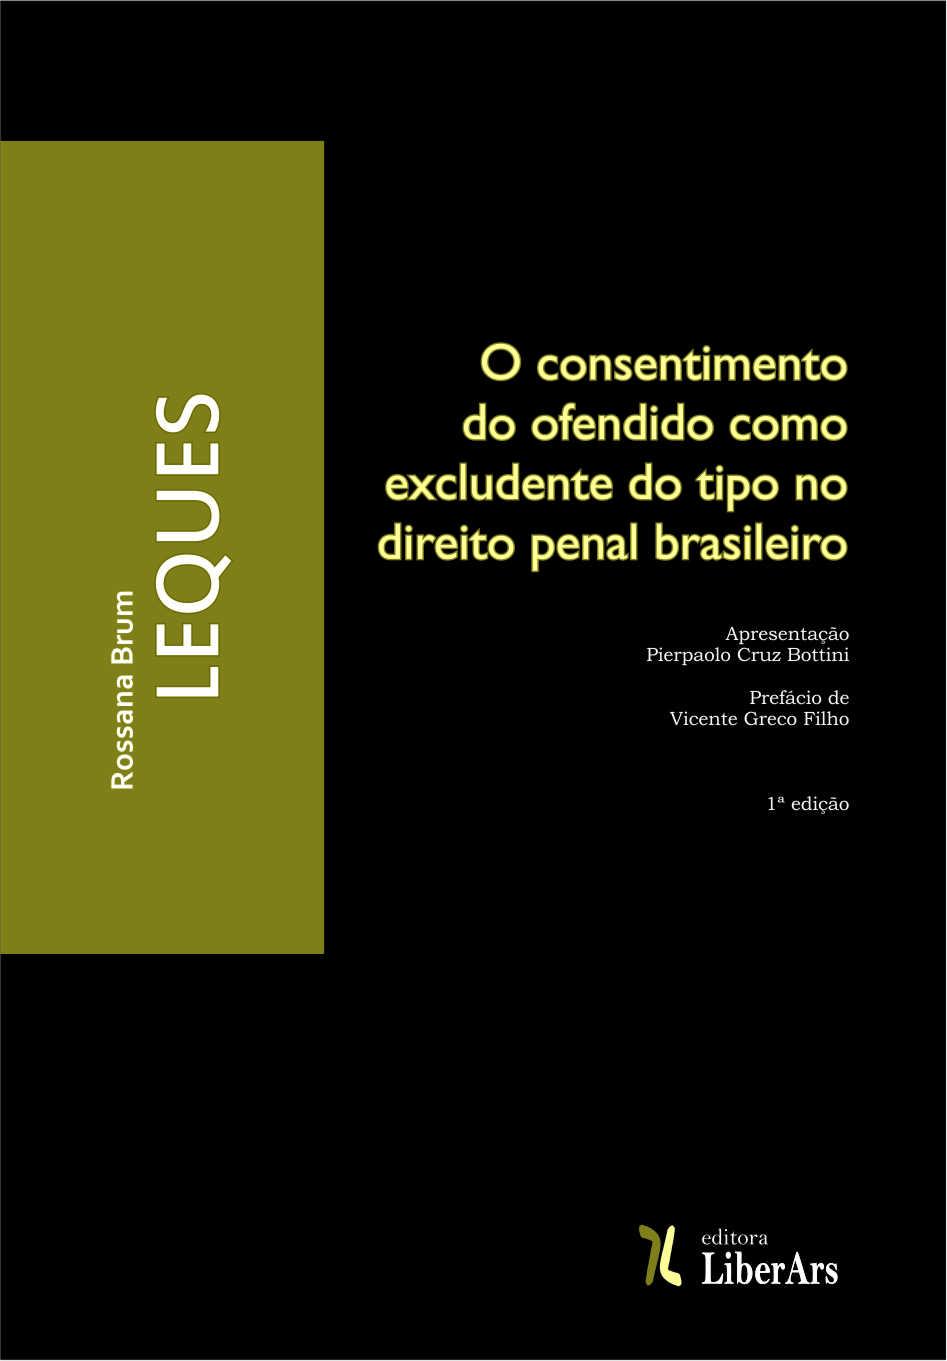 O consentimento do ofendido como excludente do tipo no direito penal brasileiro, livro de Rossana Brum Leques